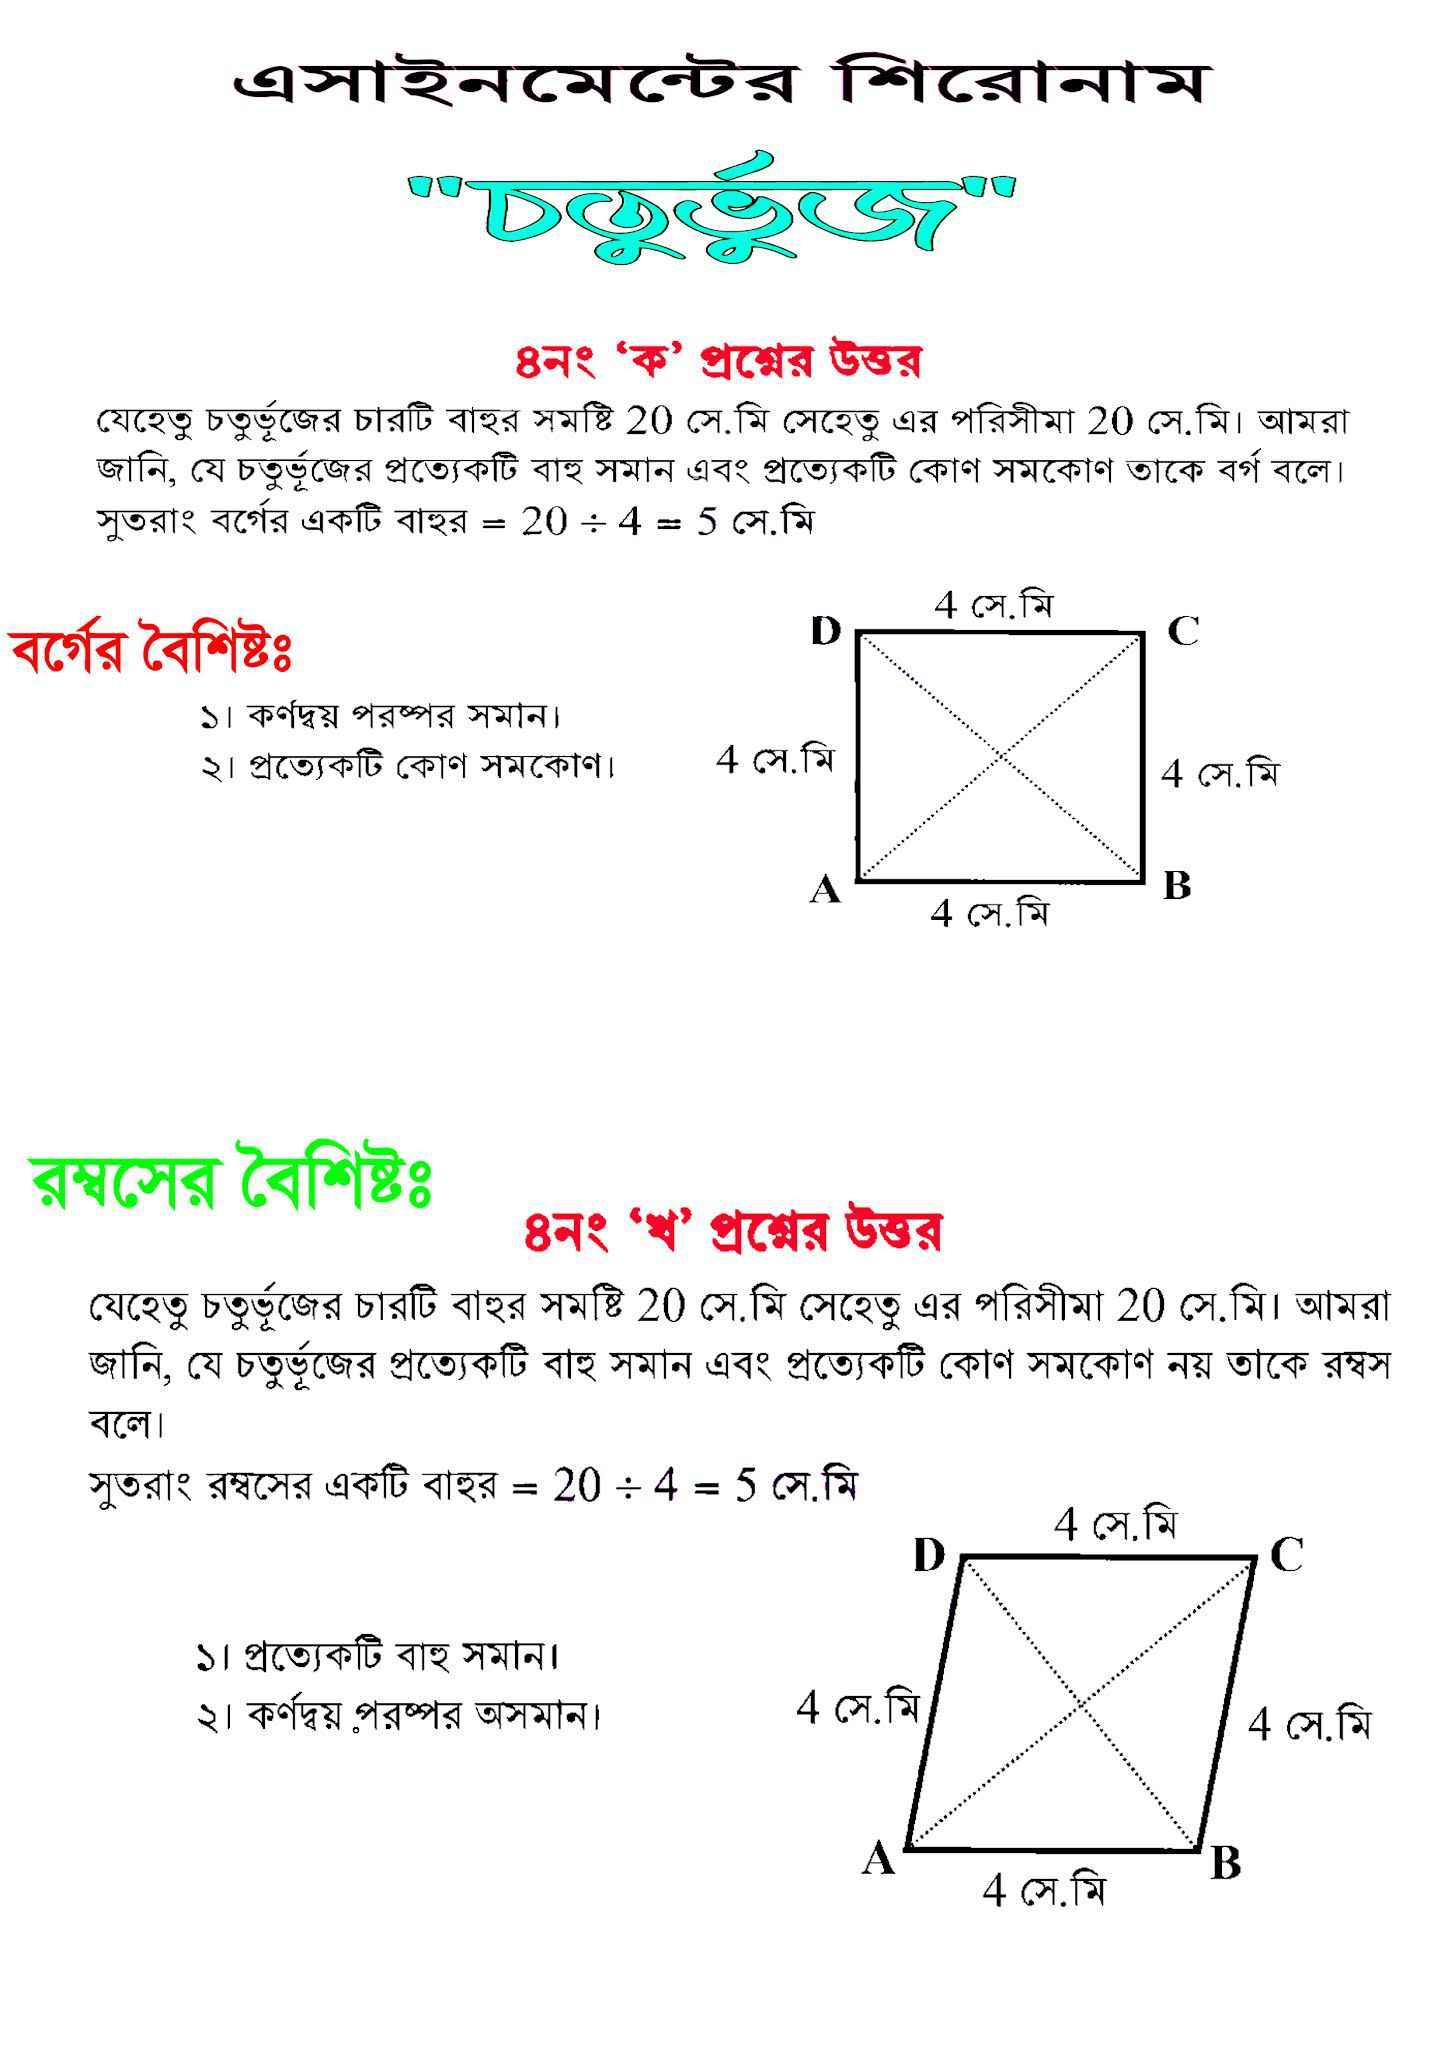 Class 8 18th week Mathematics Assignment Answer 2021